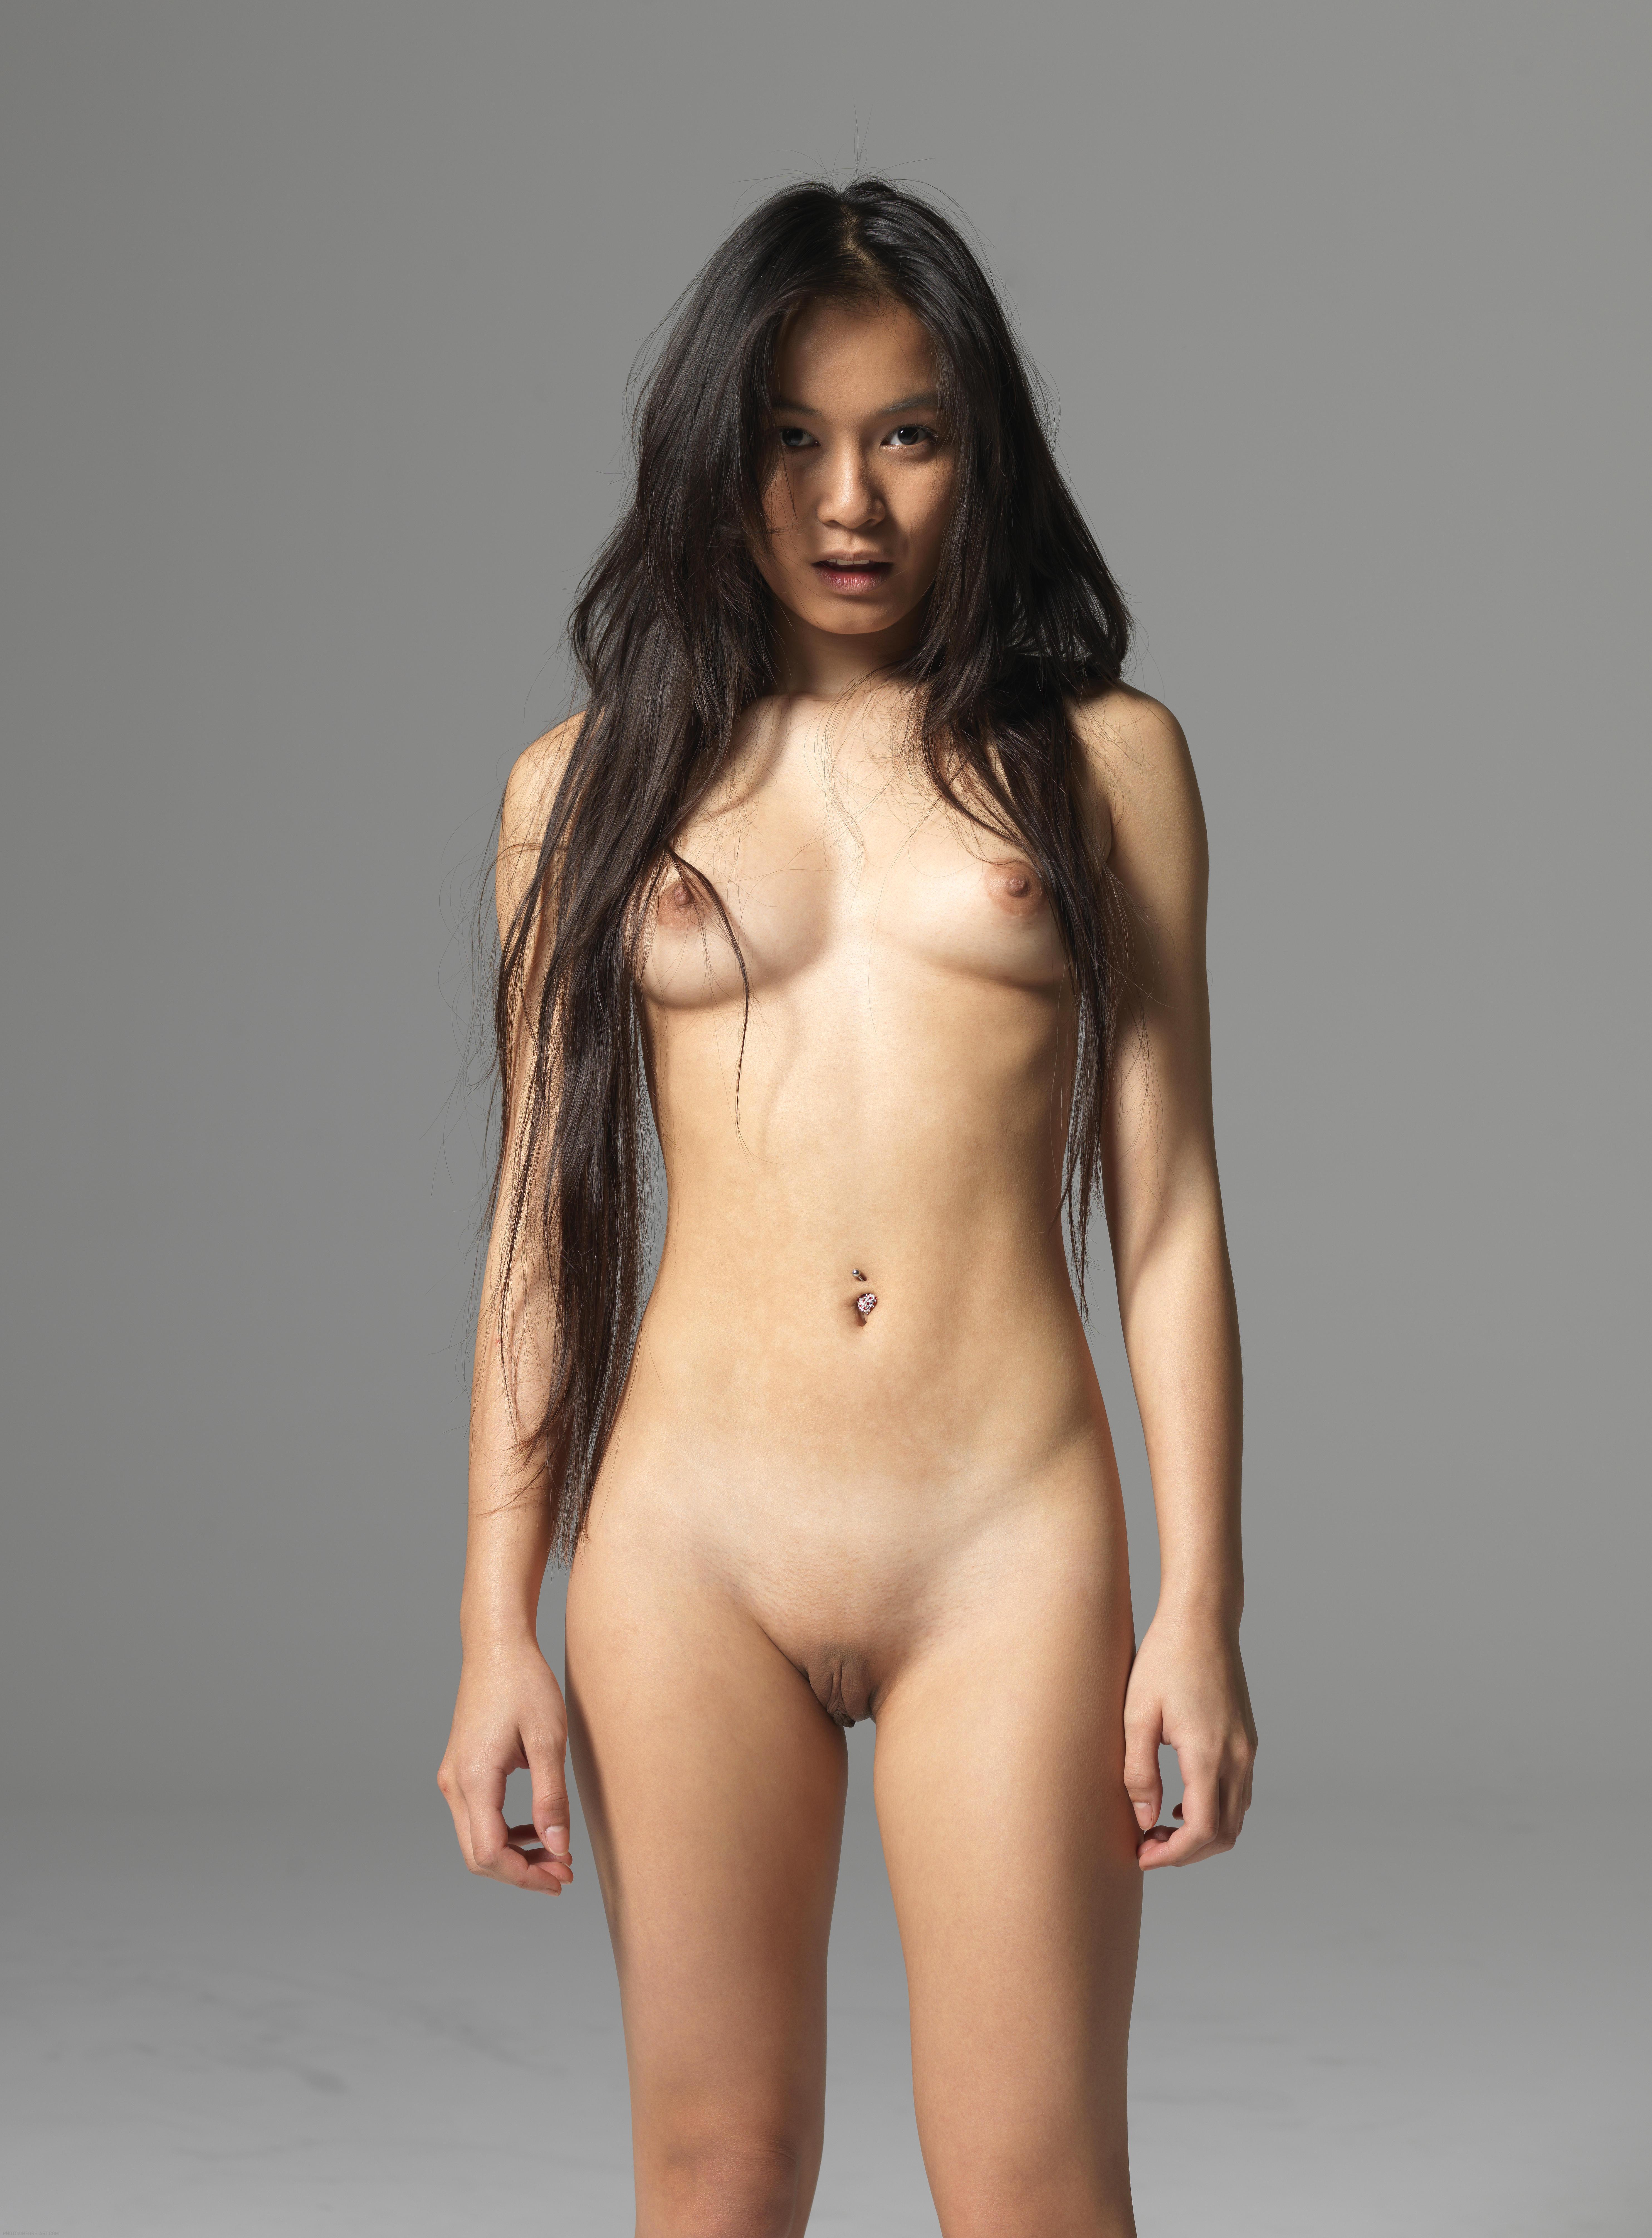 indiajoin nude